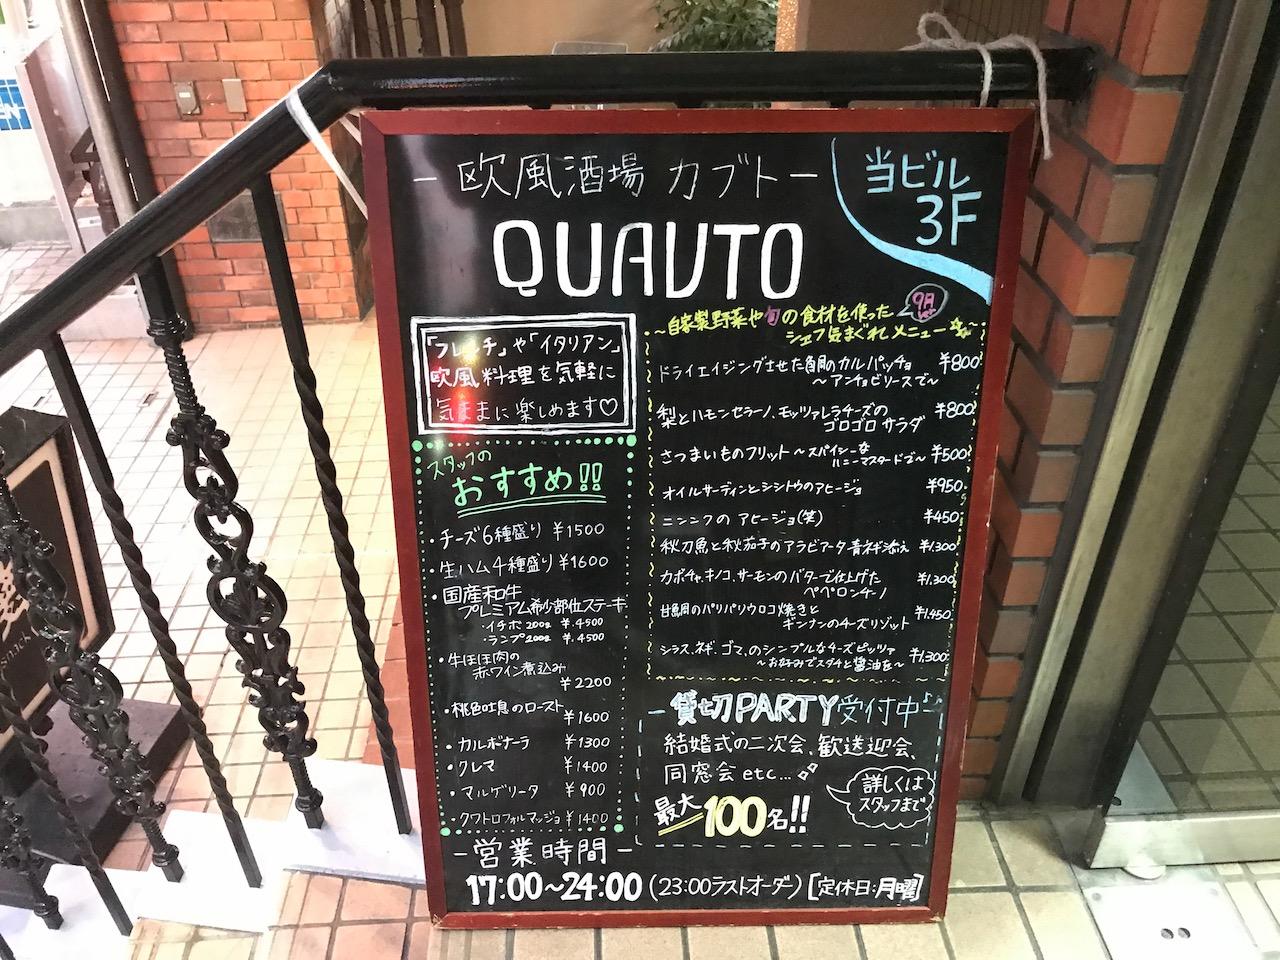 ステーキとワインを楽しみたいような特別な日は姫路駅南のカブトへ行こう!